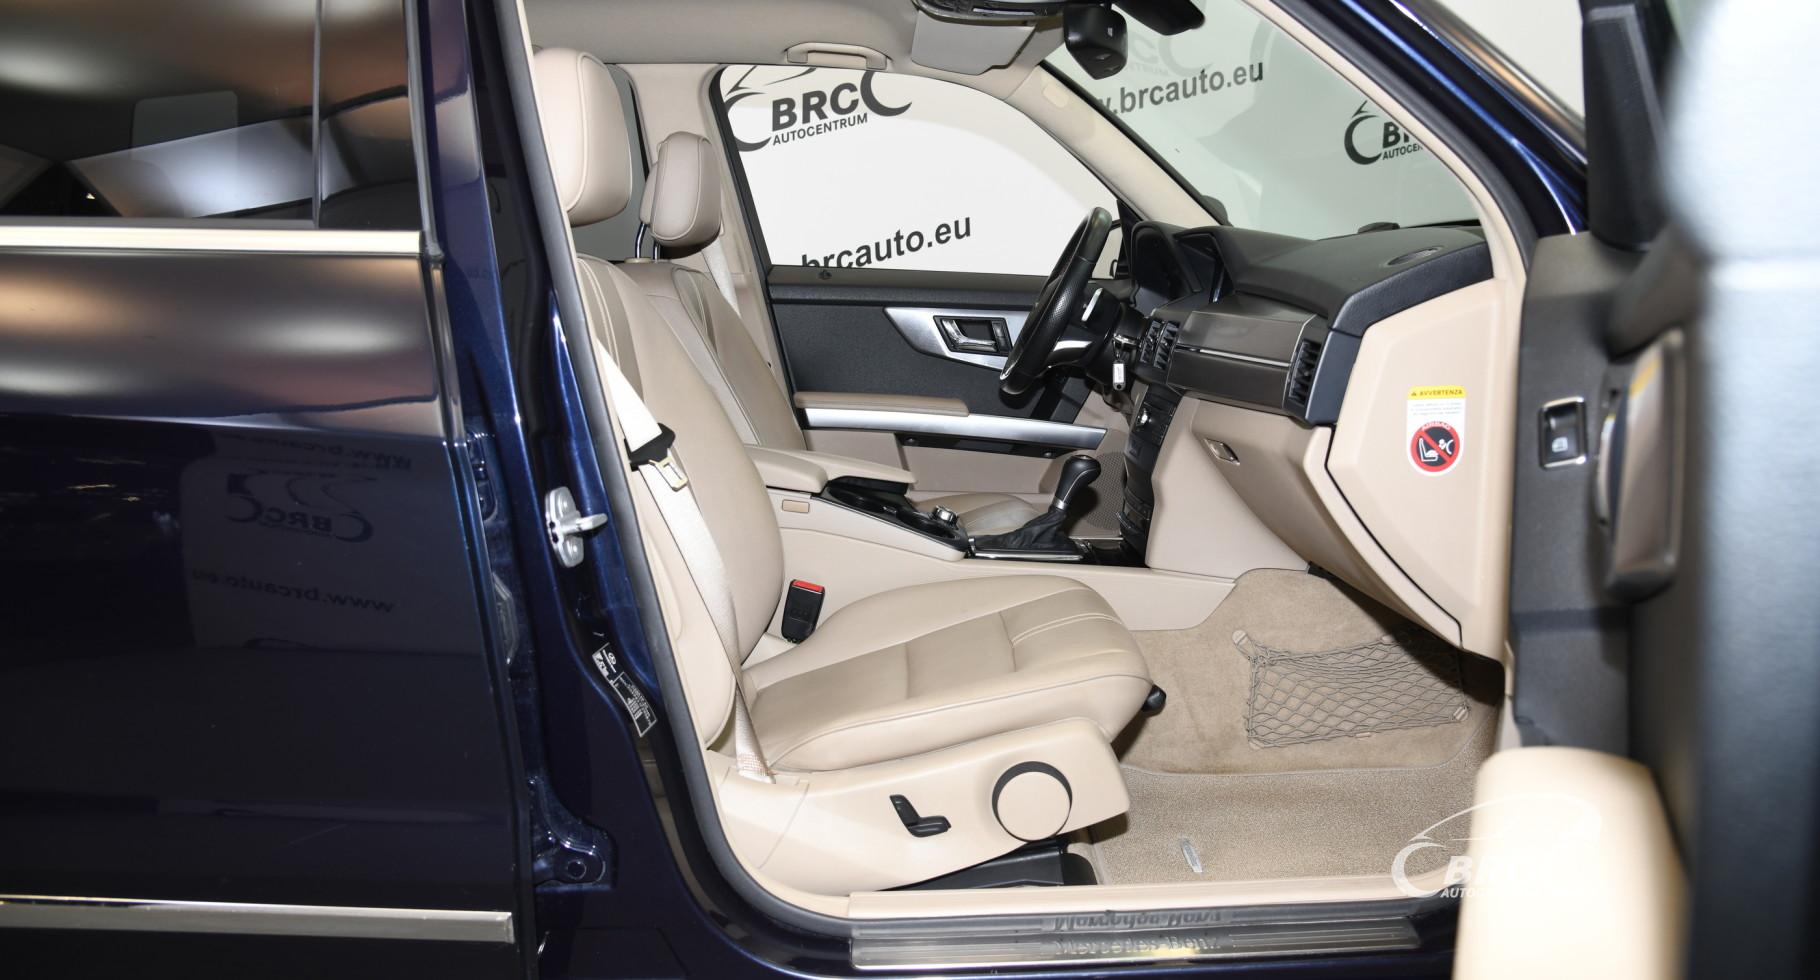 Mercedes-Benz GLK 320 CDI 4Matic Automatas